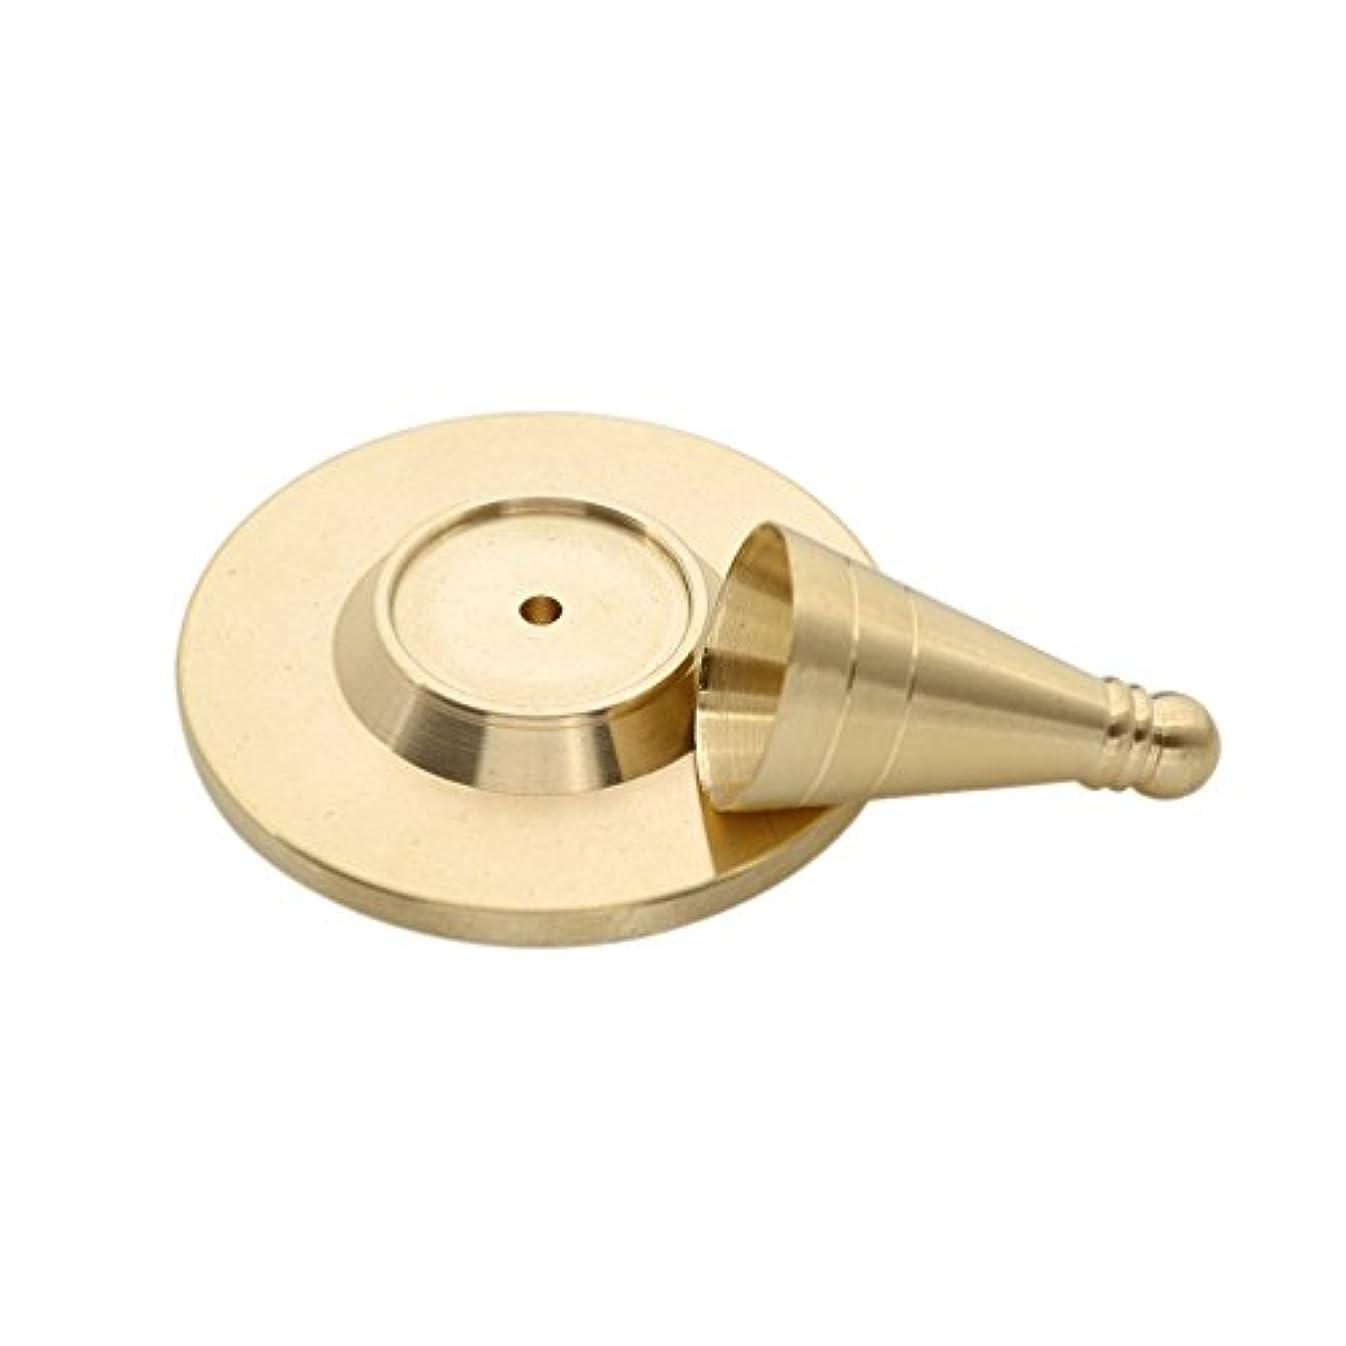 ファランクス司令官必要条件(ライチ) Lychee 手作り お香 DIY用 ツール インセンス コーンタイプ 円錐 モールド 自家製 高さ3.5cm